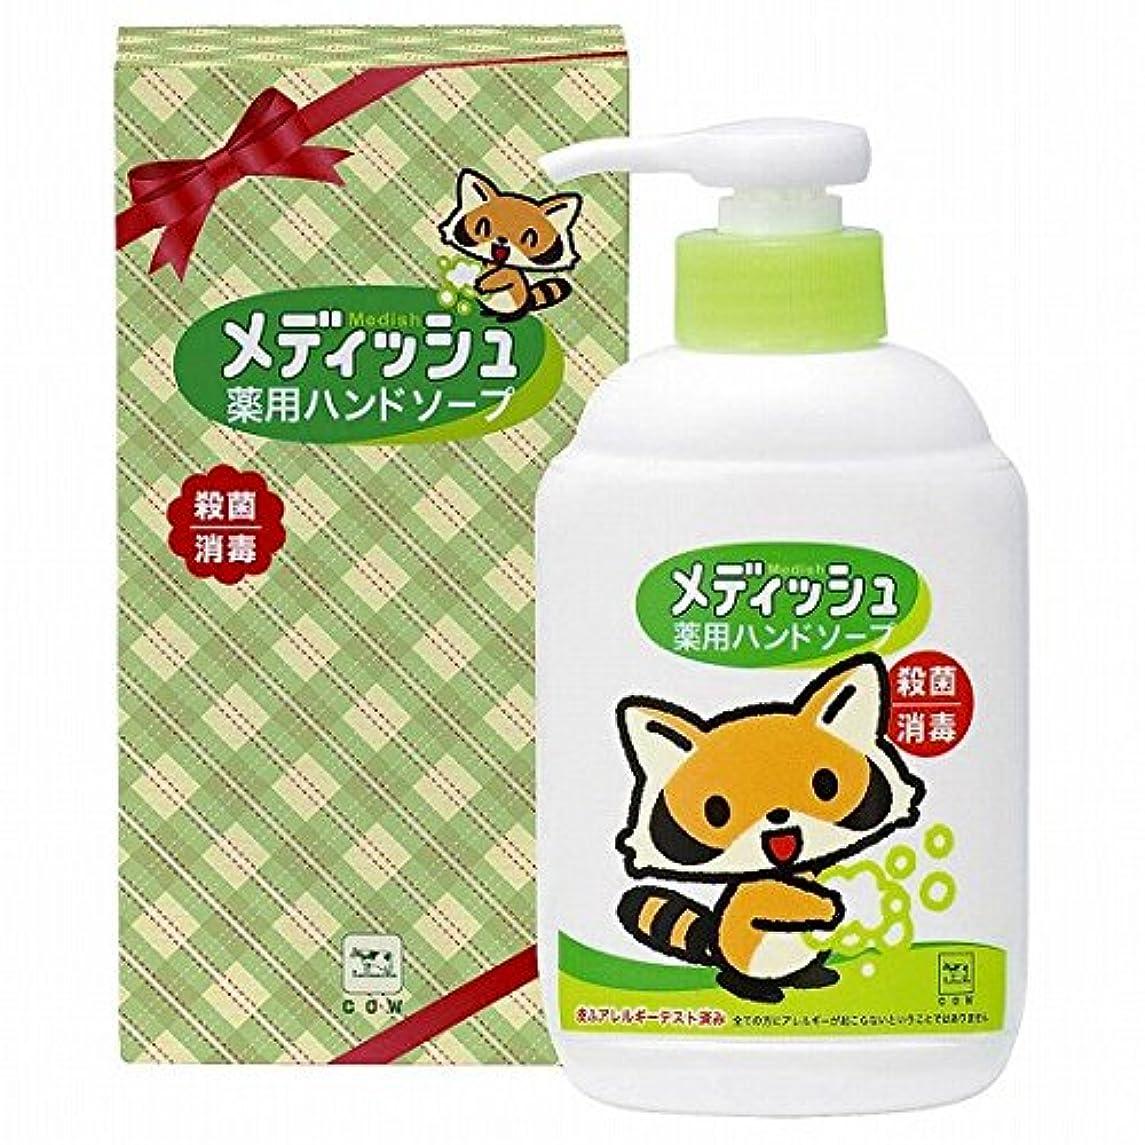 ビルマプレートモザイクnobrand 牛乳石鹸 メディッシュ 薬用ハンドソープ 250ml 箱入(MS35)